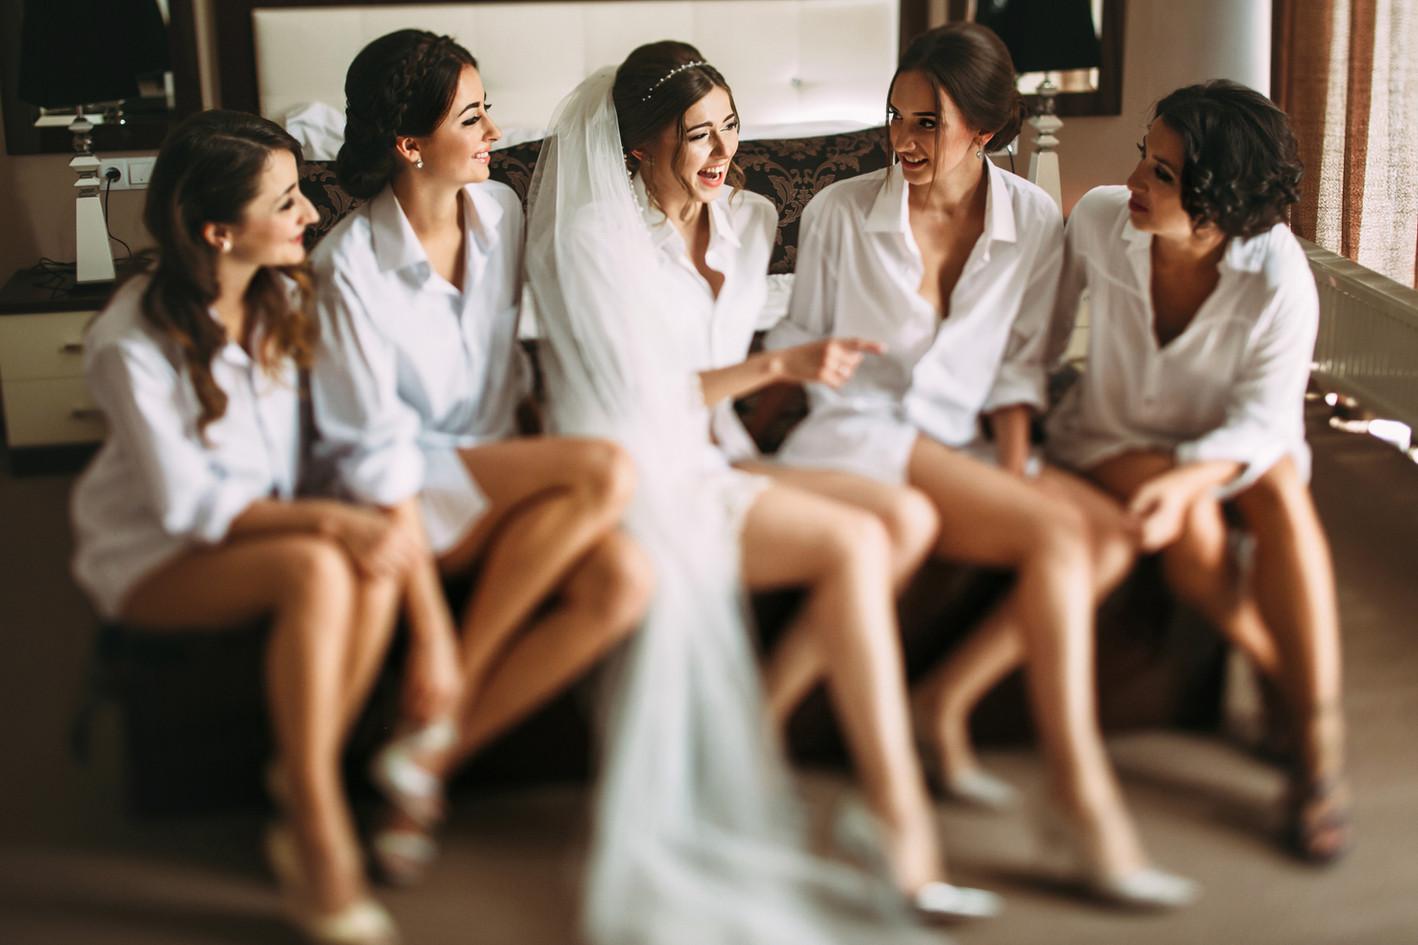 Ragazze al Bachelorette Party